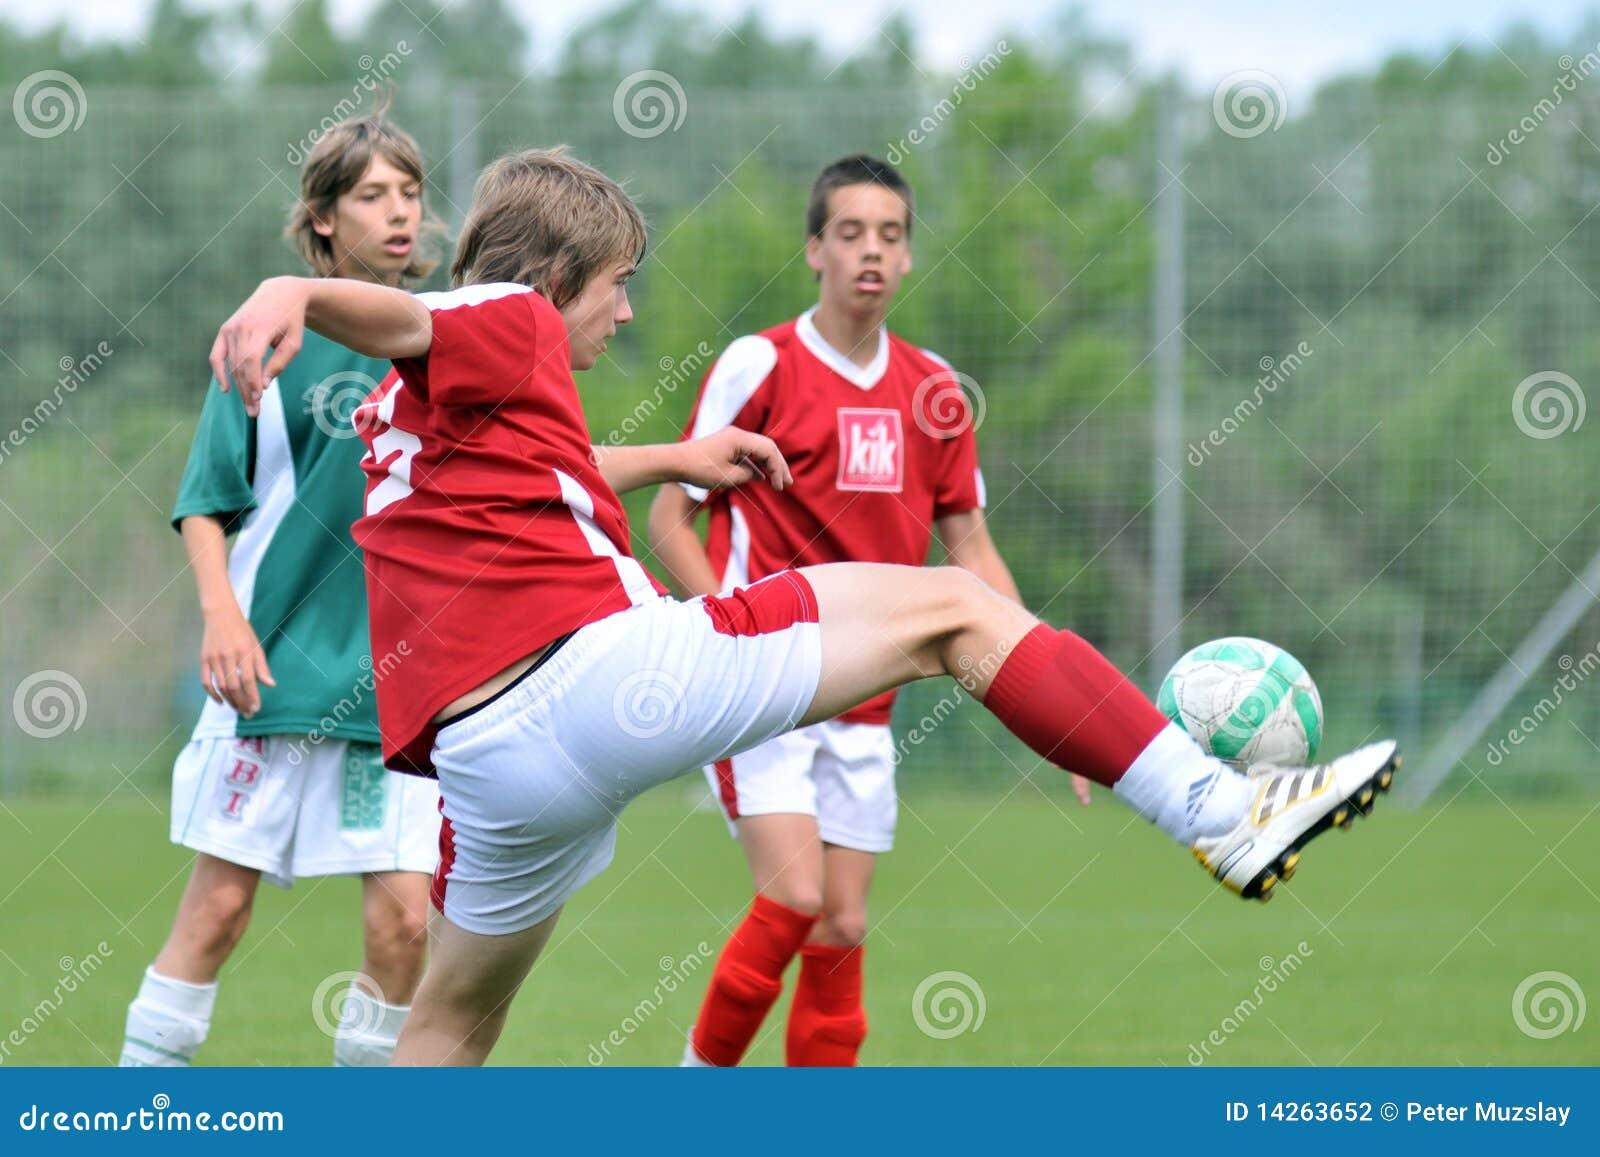 ποδόσφαιρο παιχνιδιών u15